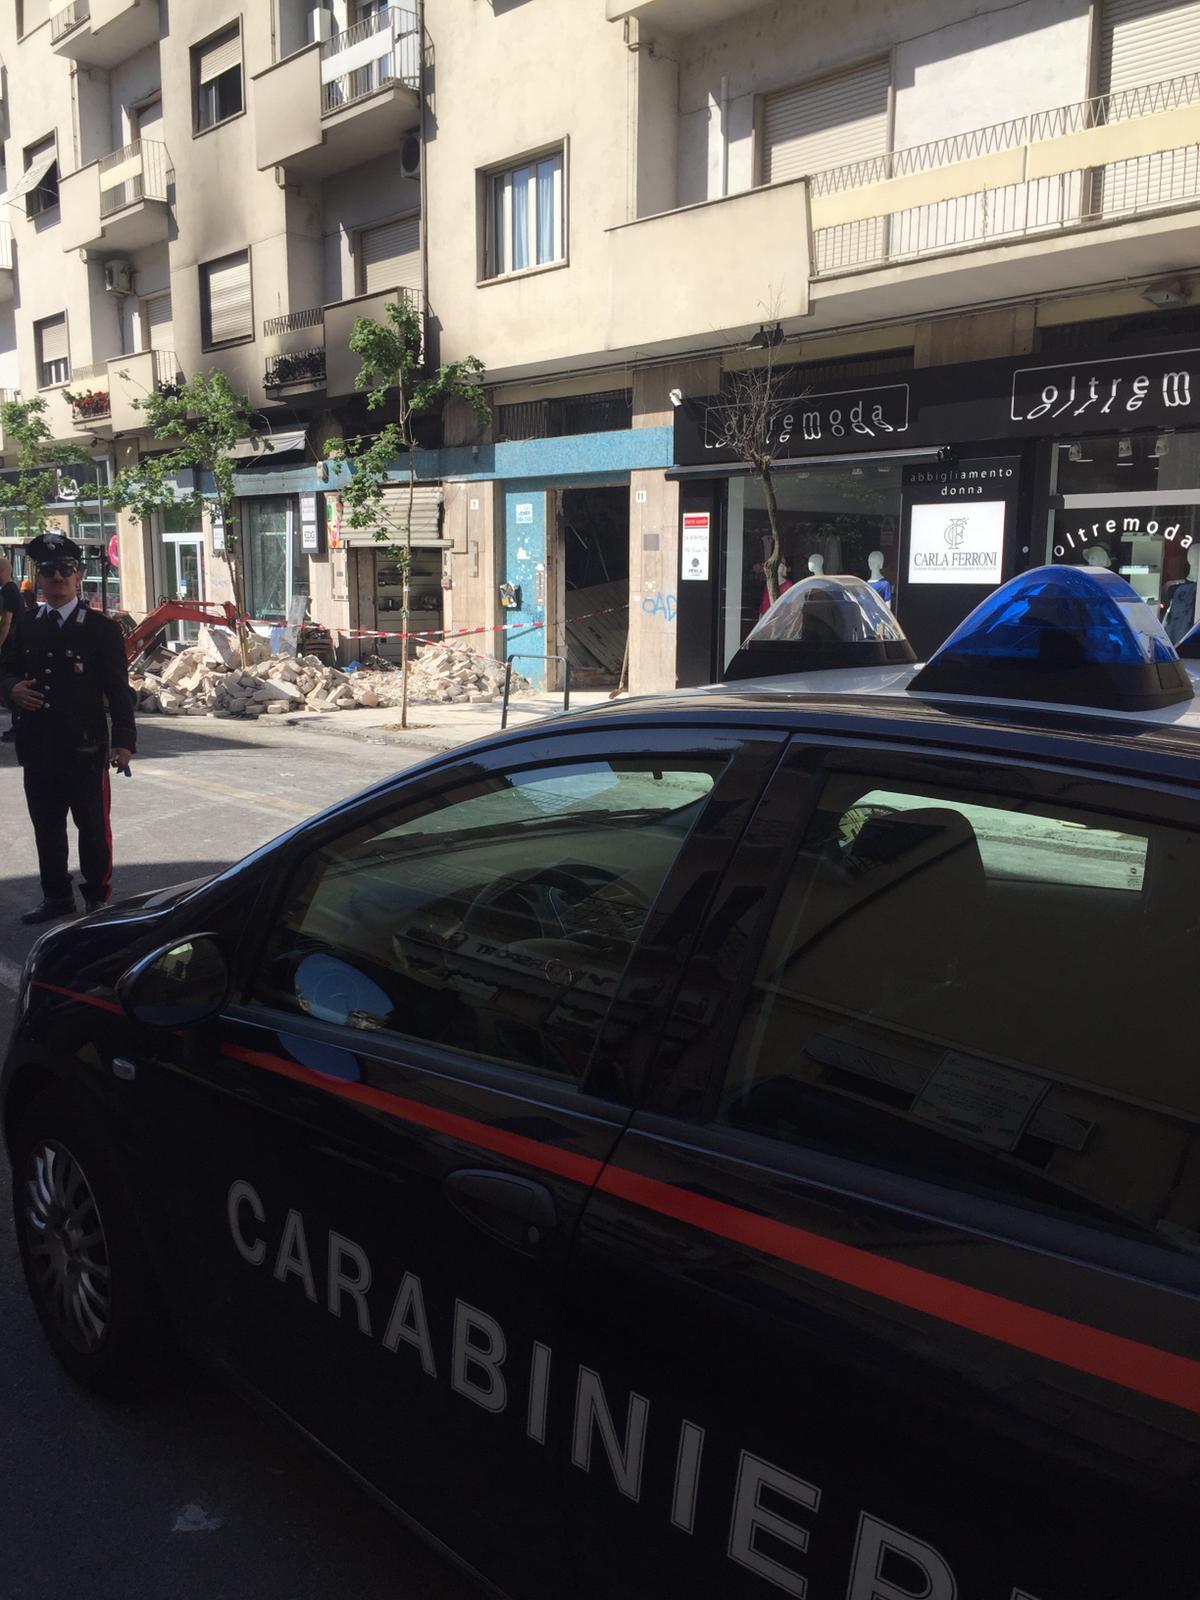 Bar esploso a Cosenza, forse non era una bombaProprietario indagato di tentata truffa assicurativa